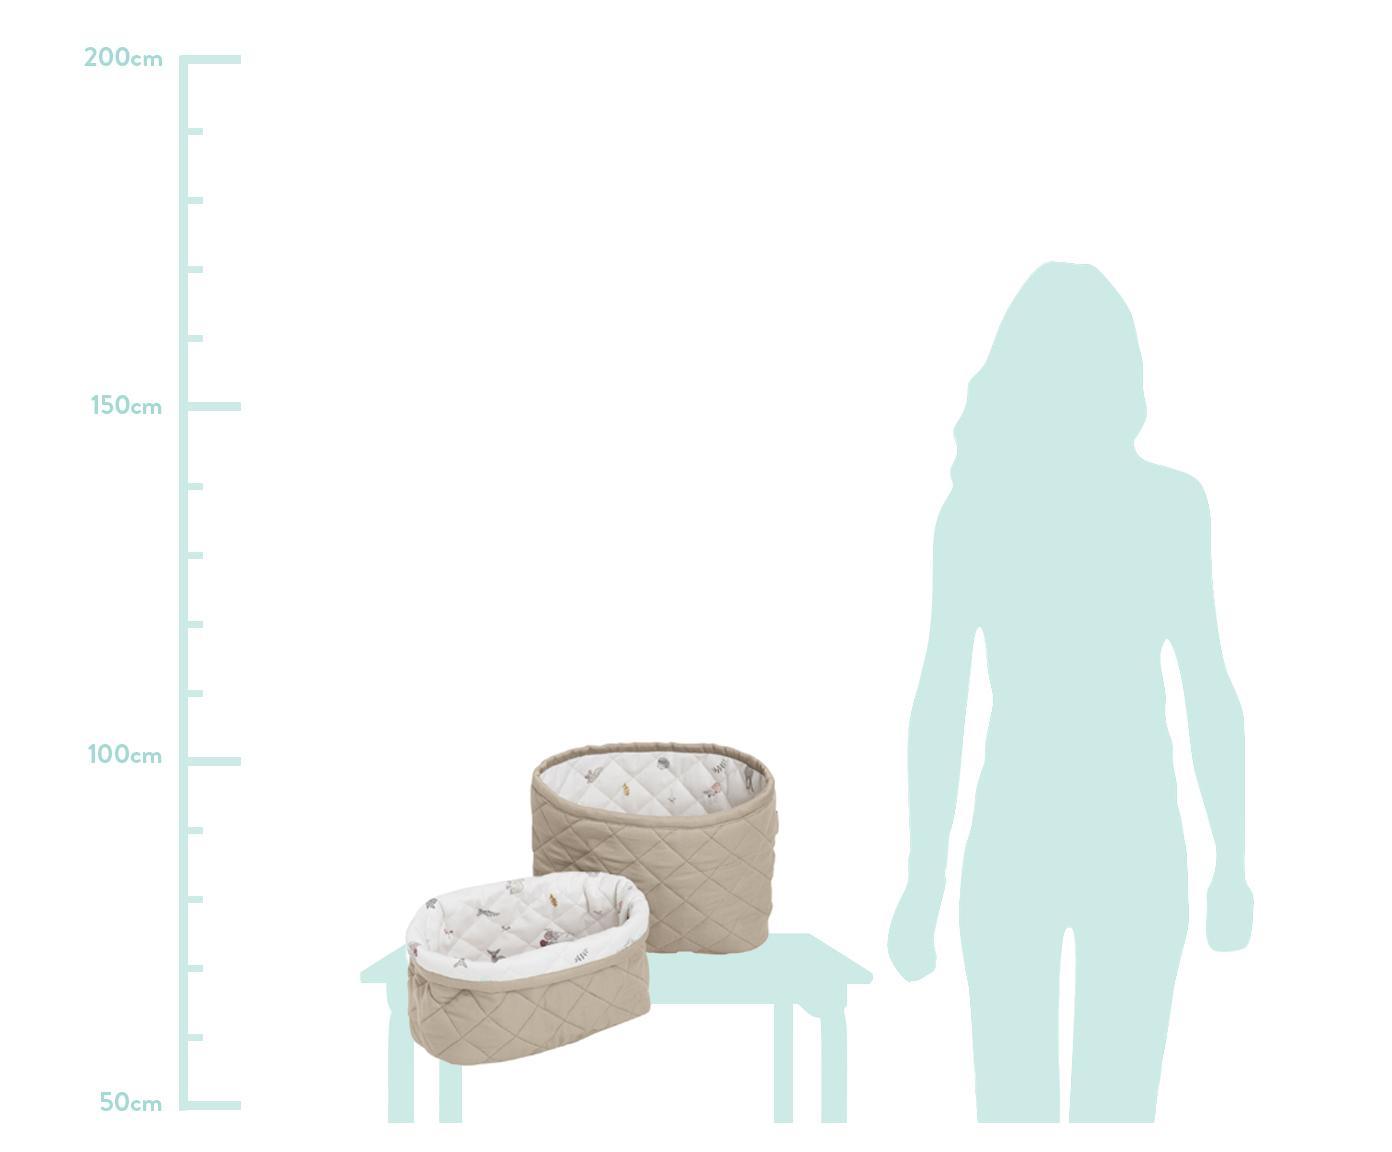 Komplet koszy do przechowywania  z bawełny organicznej Fawn, 2 elem., Tapicerka: bawełna organiczna, Biały, brązowy, beżowy, Różne rozmiary